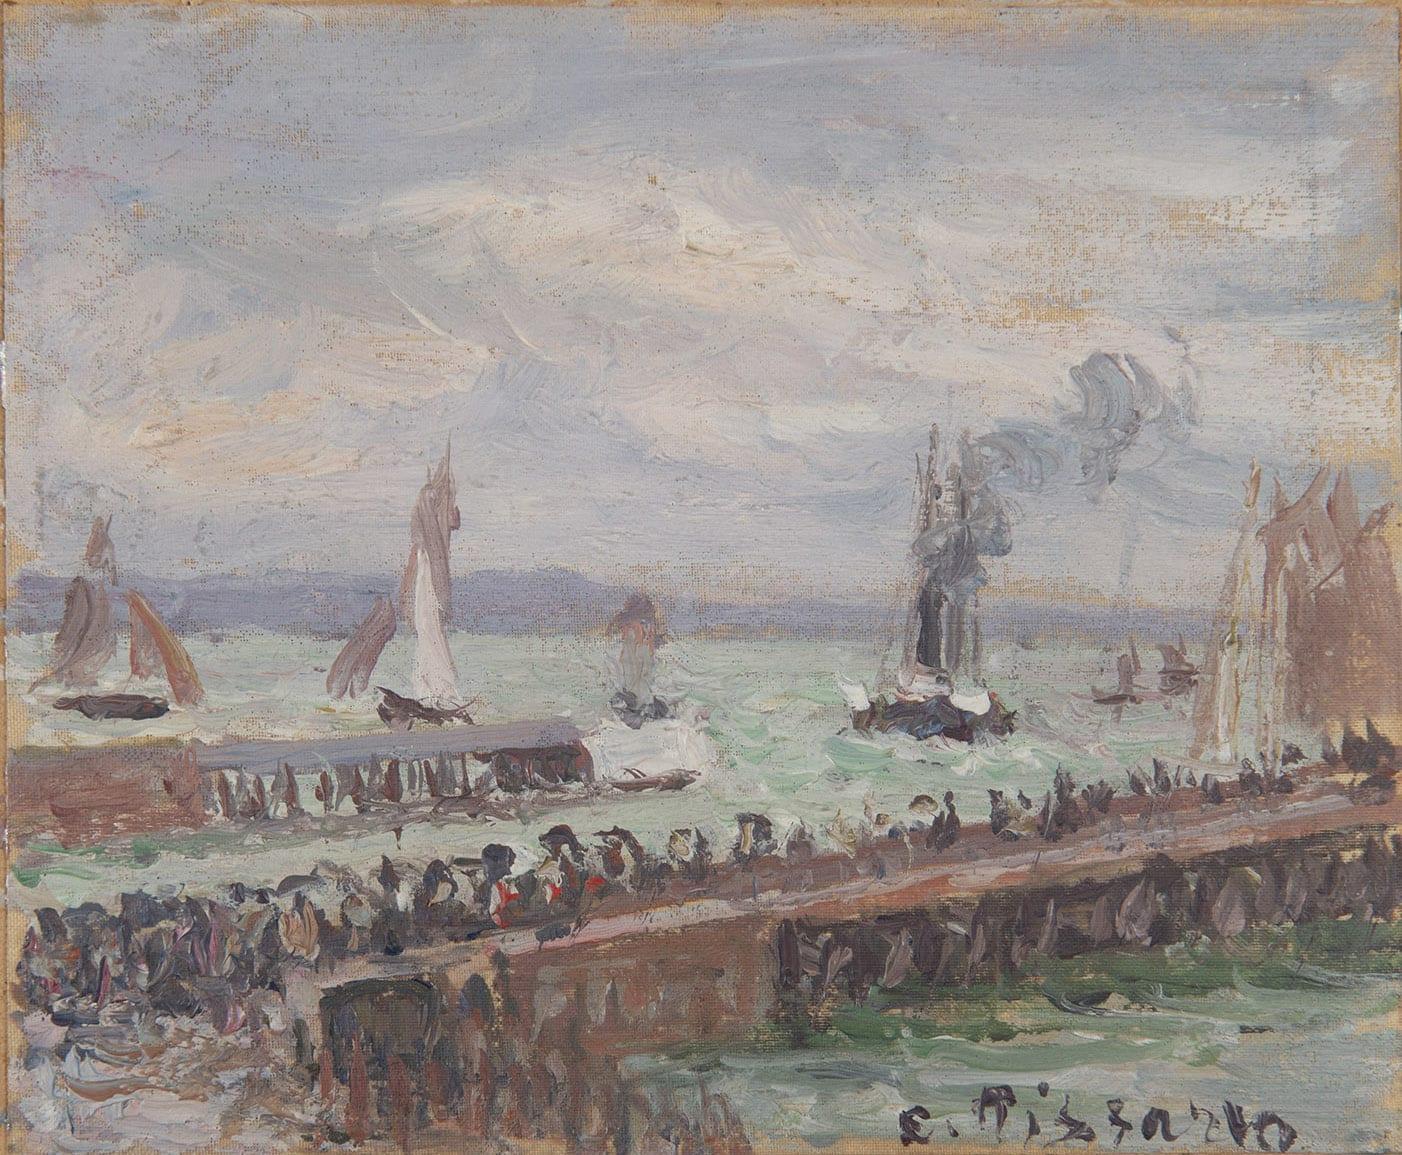 CAMILLE PISSARRO, Entrée du port du Havre et le brise-lame ouest, soleil, mer agitée , 1903